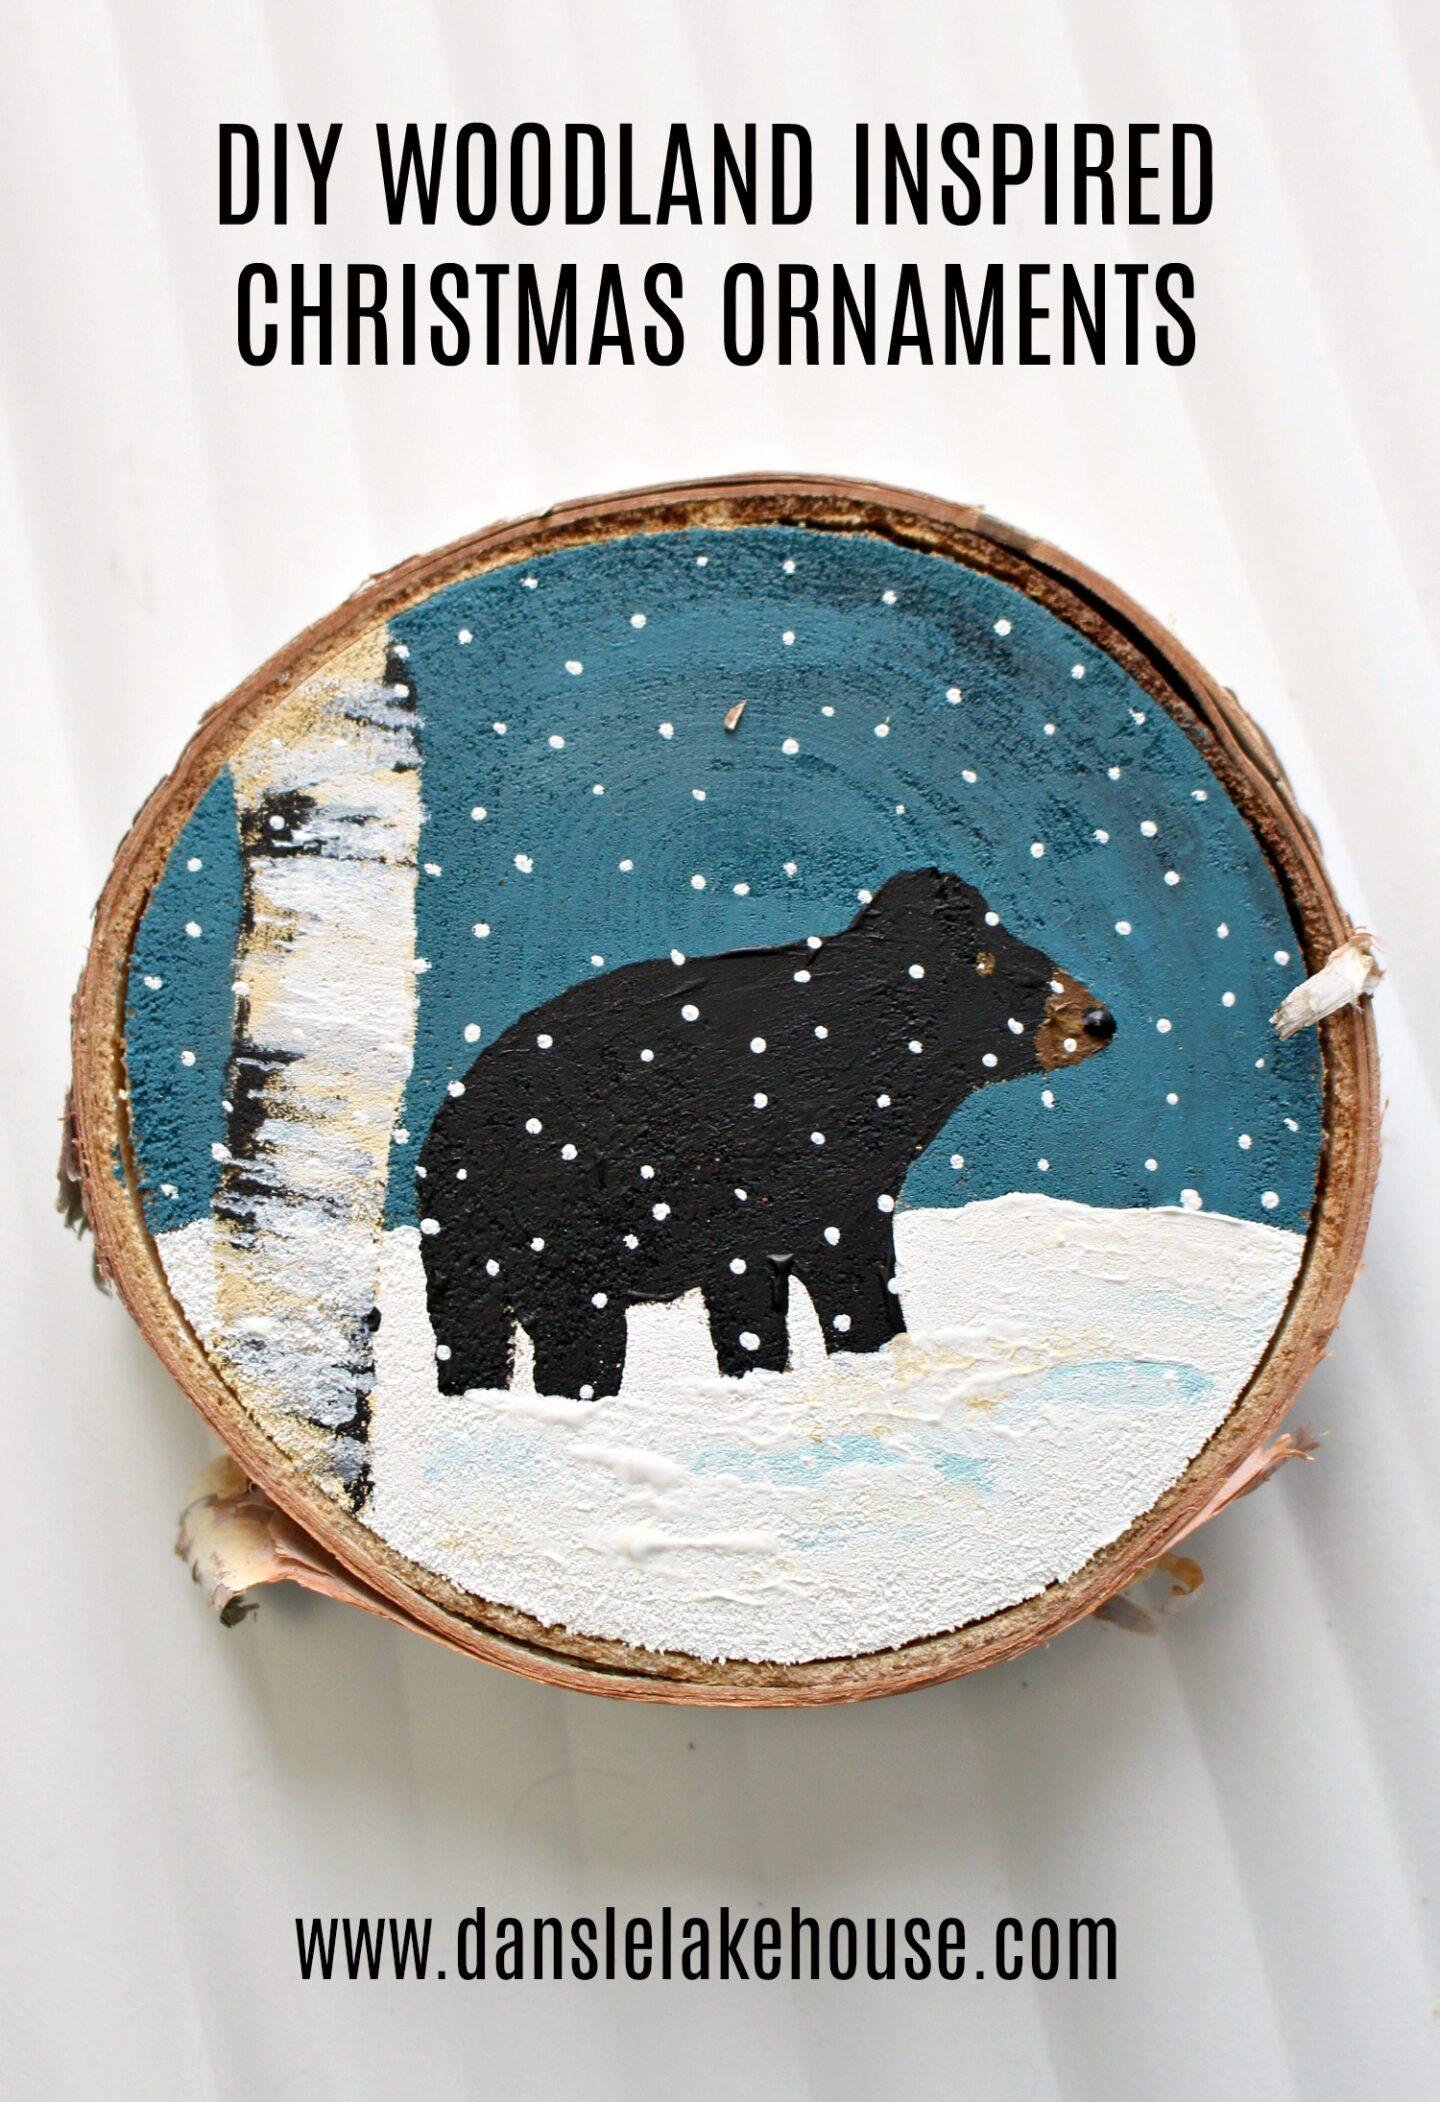 Décorations de Noël inspirées des forêts